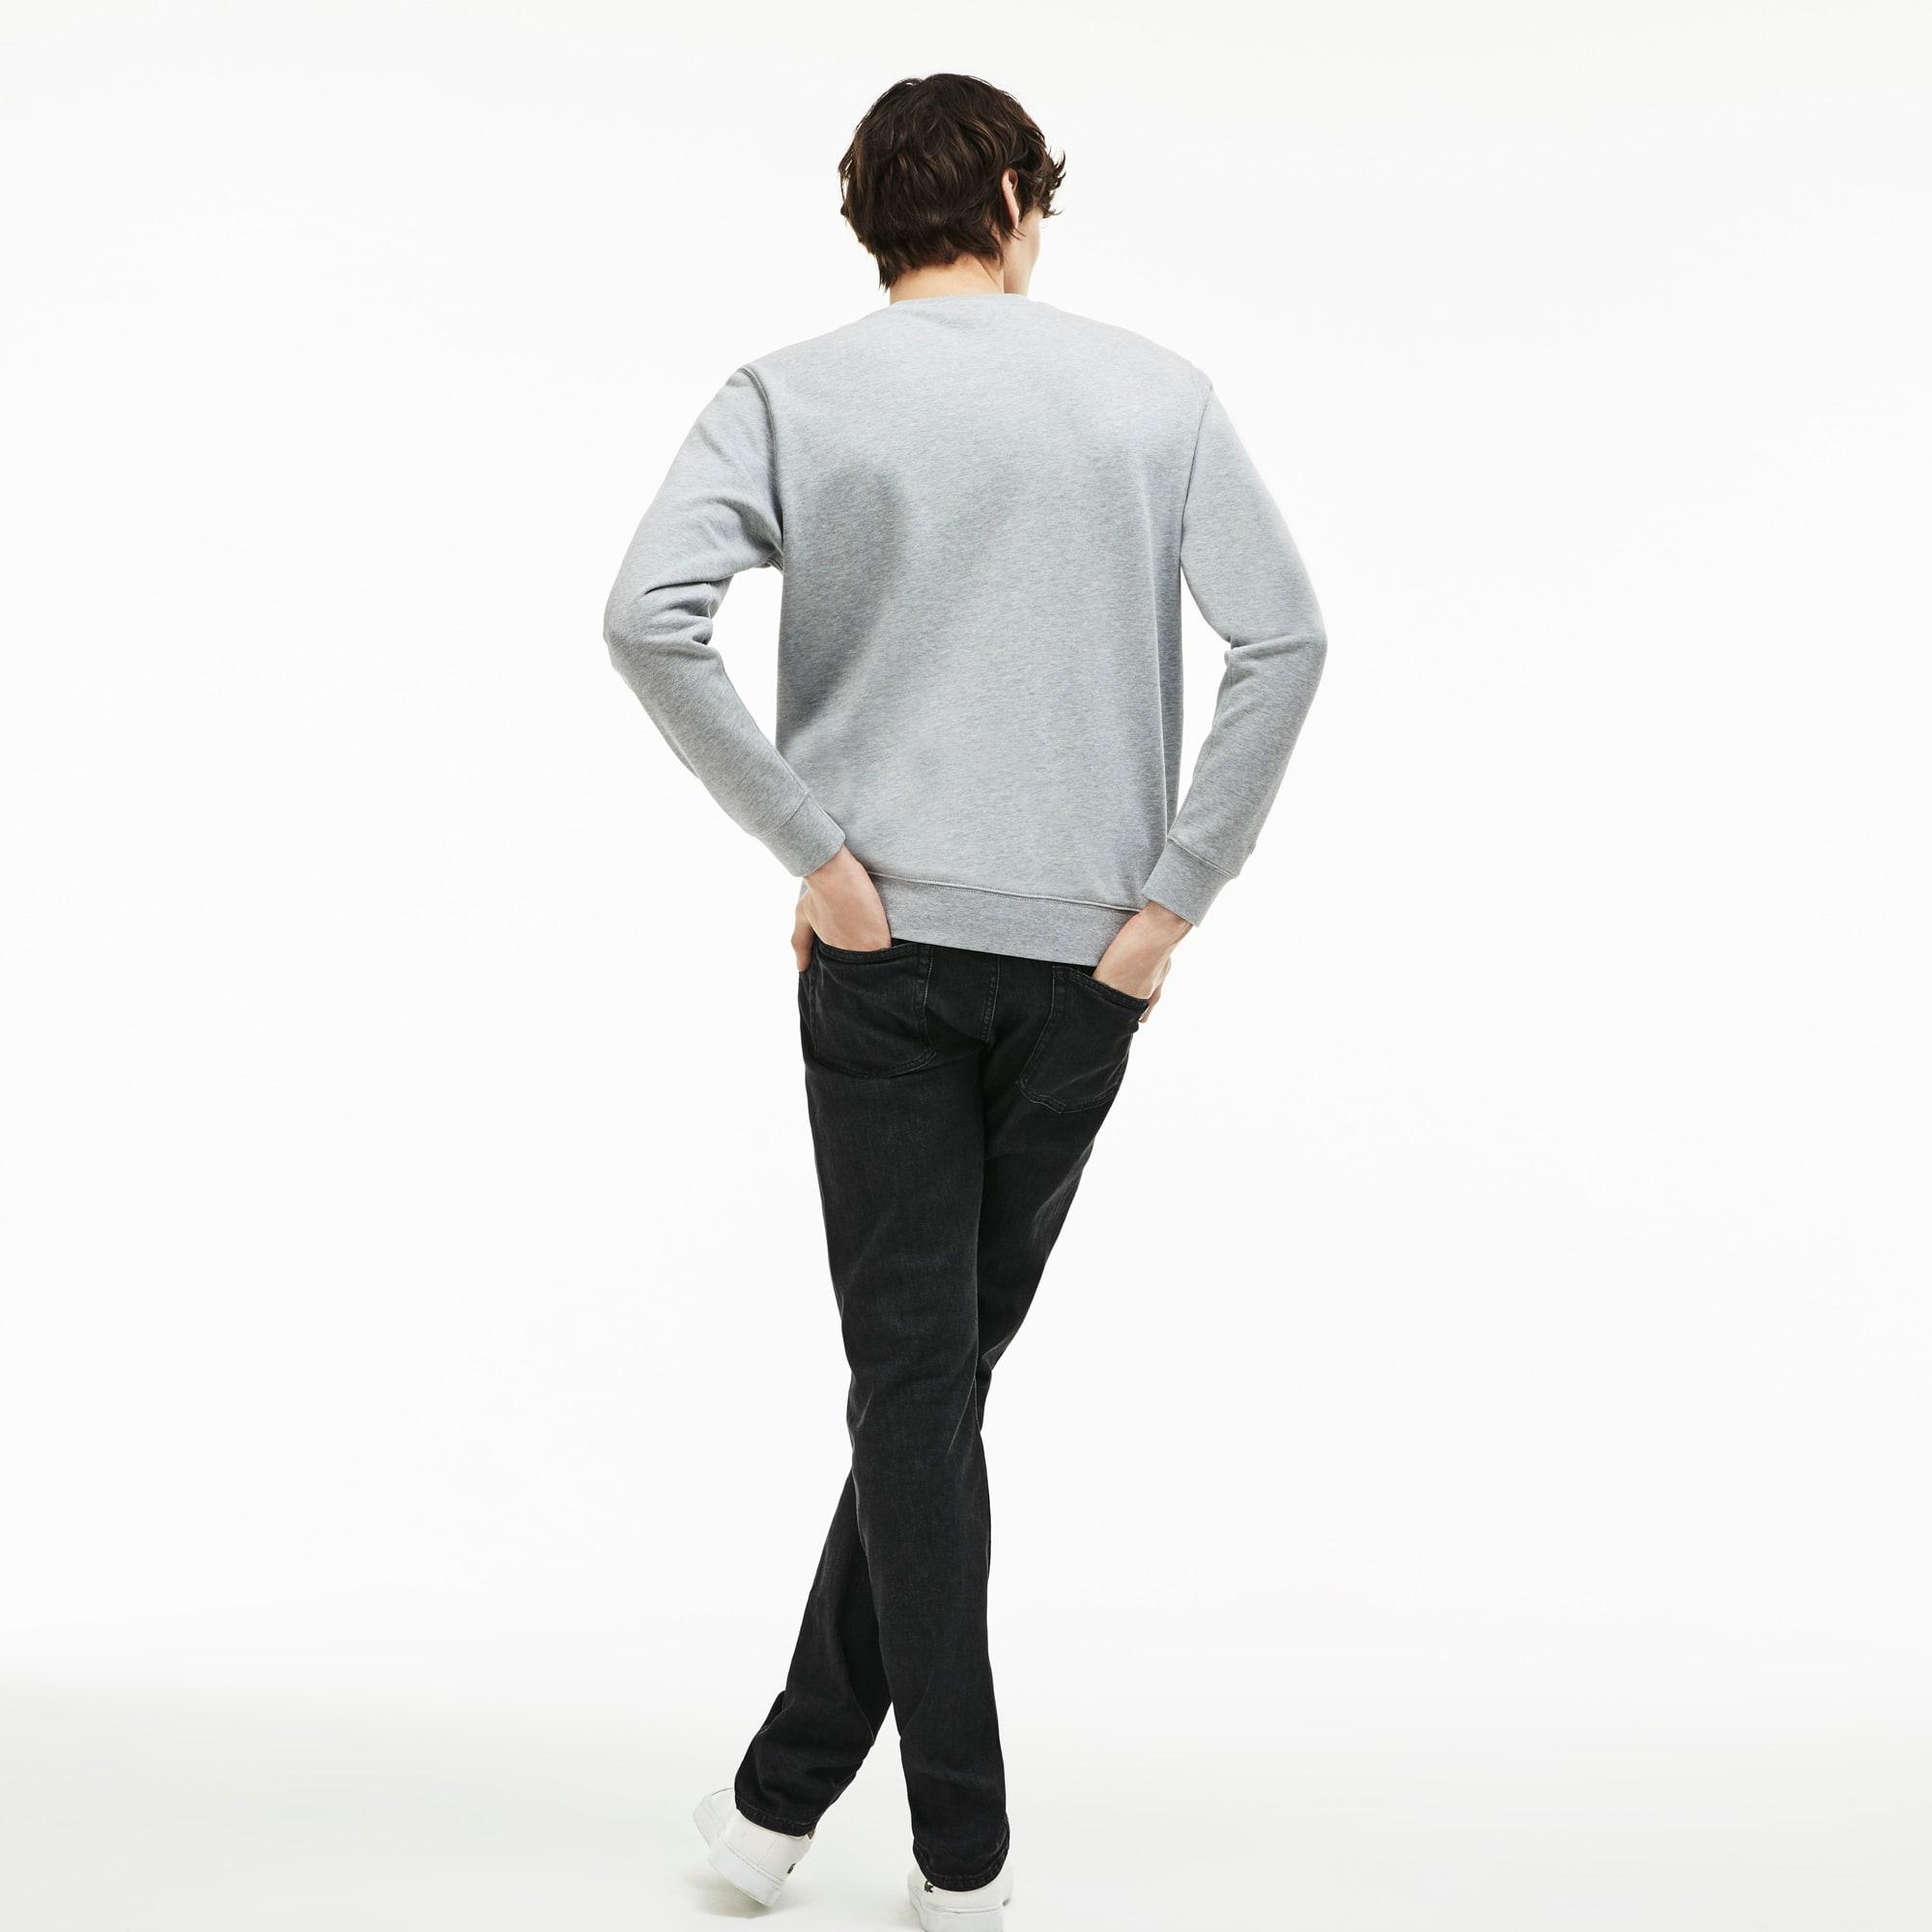 Lacoste - Slim Fit Herren-Jeans aus Stretch-Baumwolle mit fünf Taschen - 2